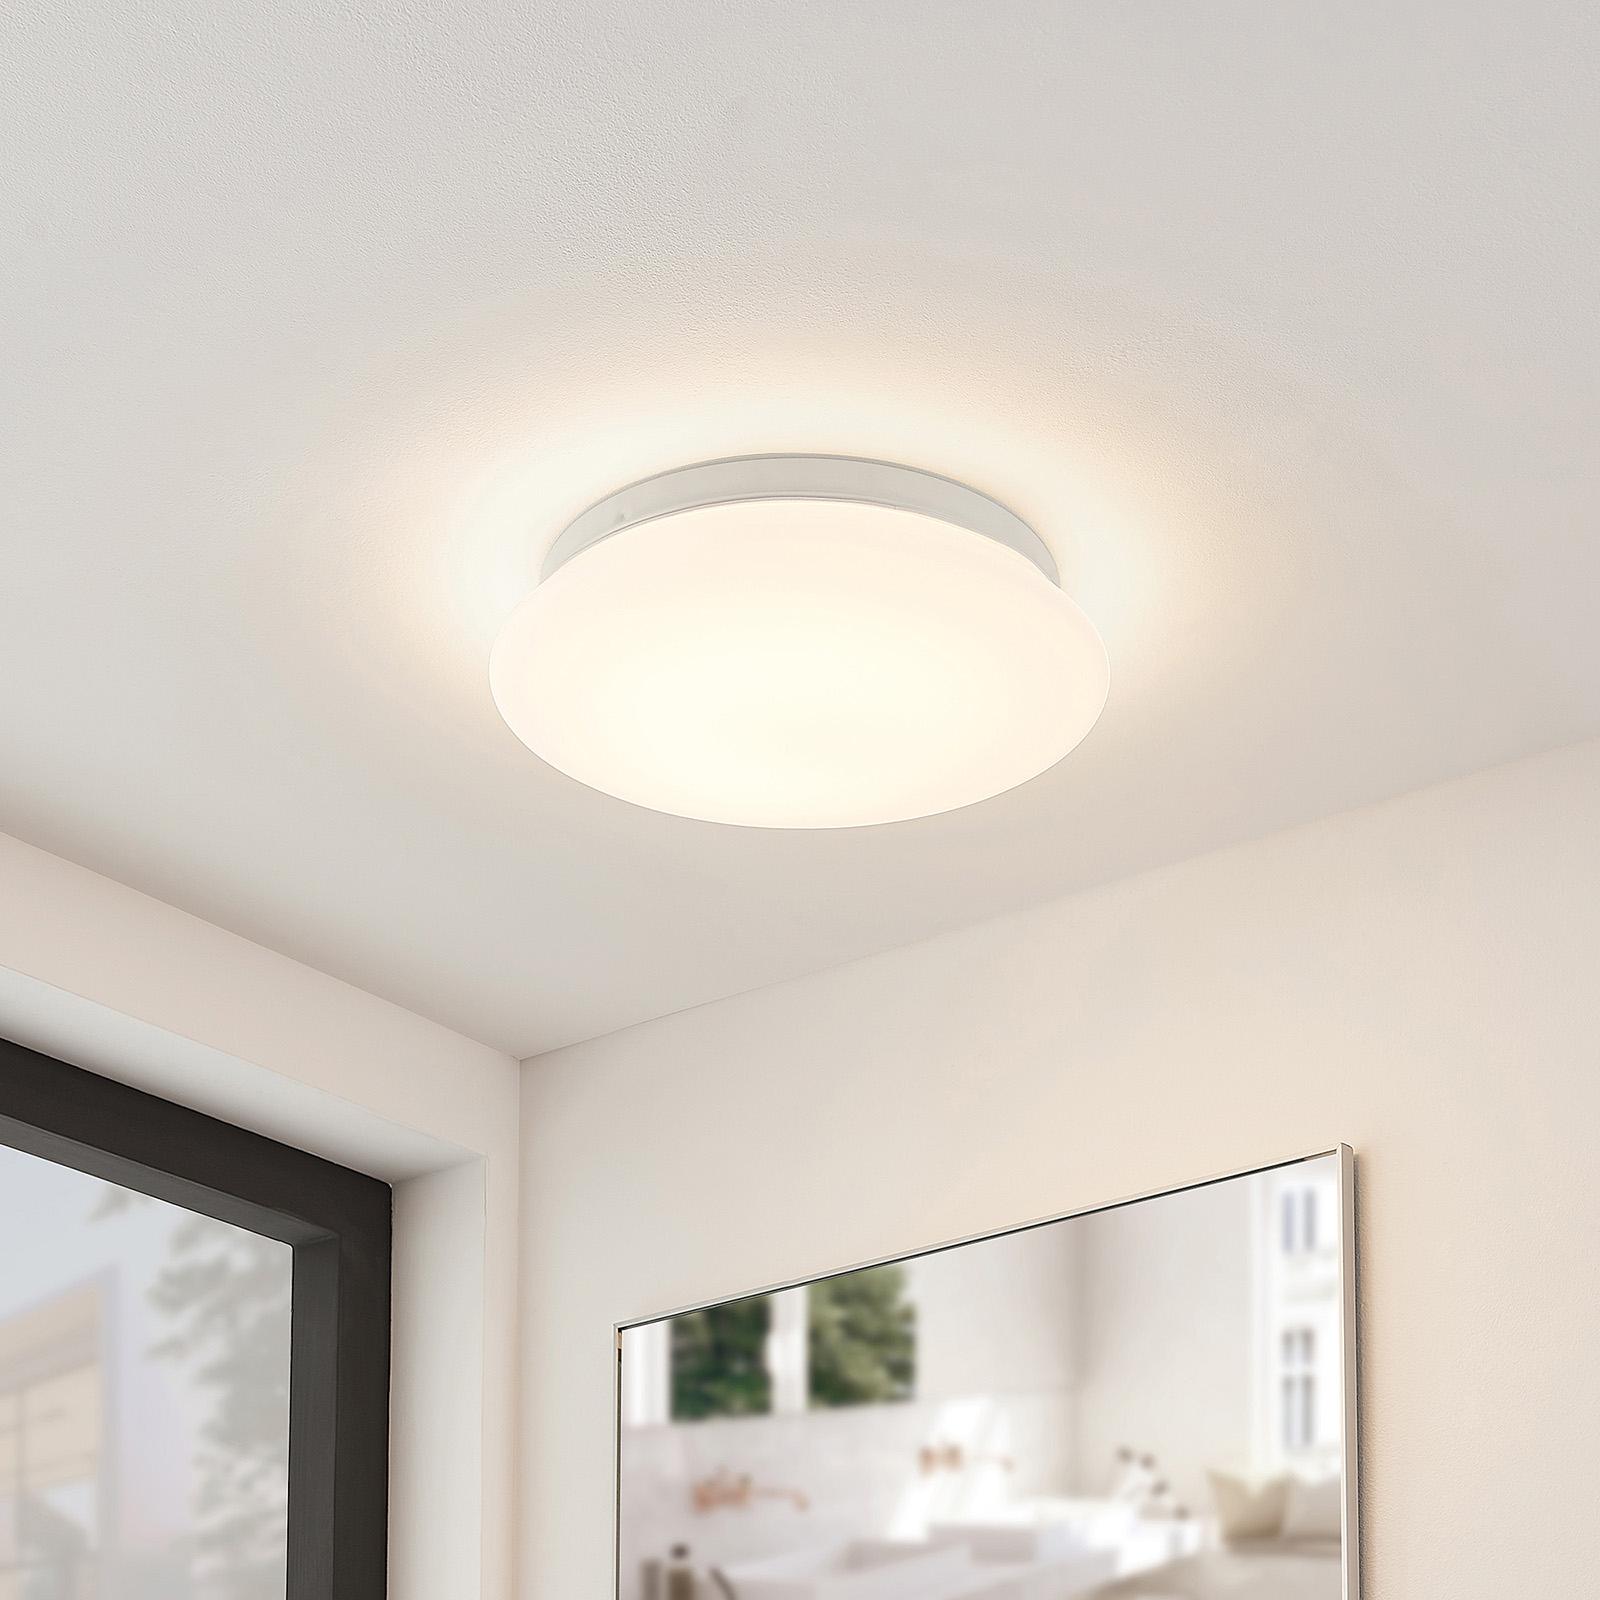 Arcchio Solomia LED-taklampe, IP44, 3000K